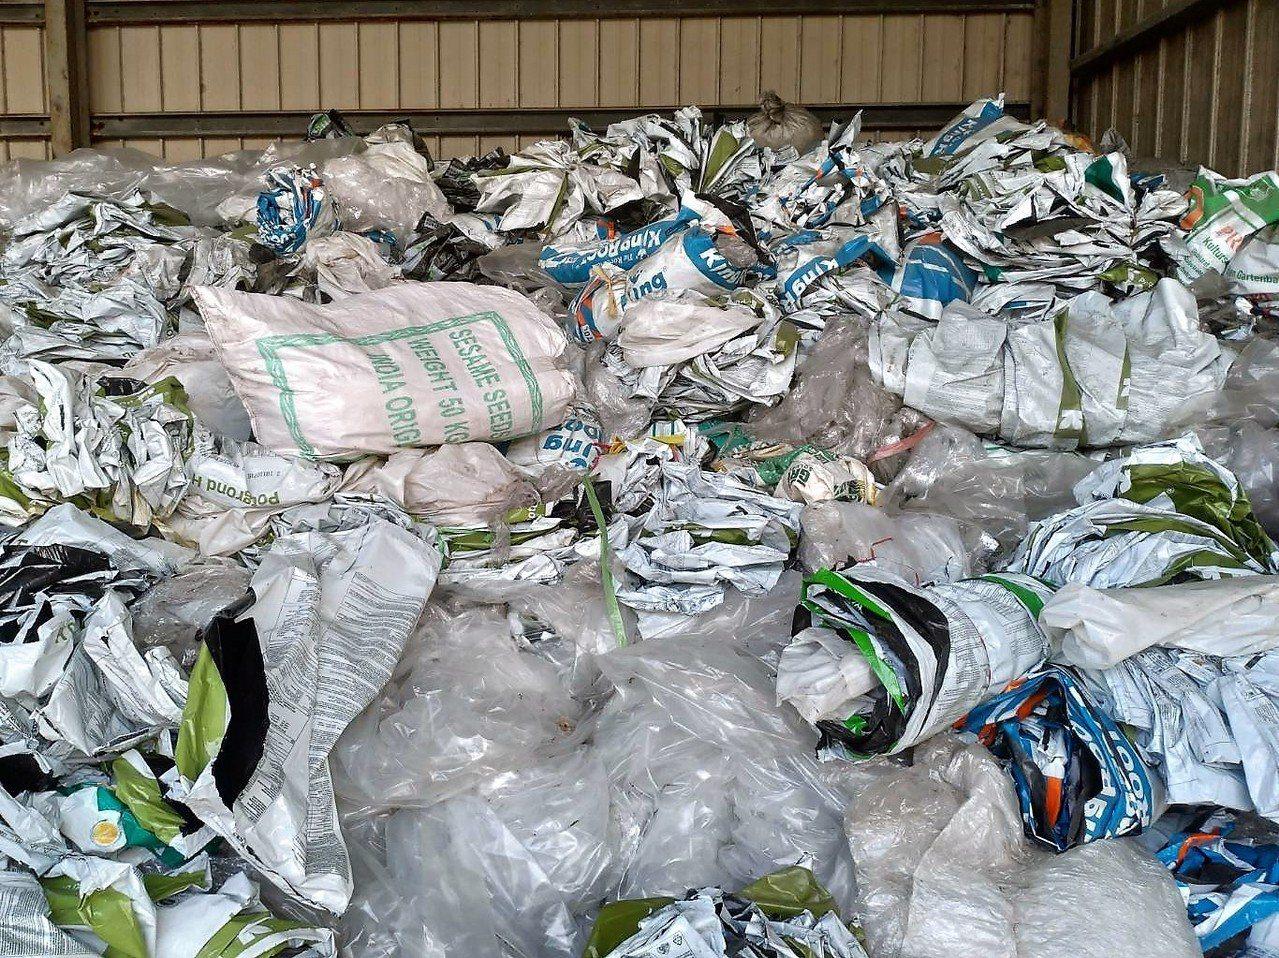 有鑑於國內回收體系亂,民眾搞不清楚哪些可以回收、哪些不行,導致就算有心做環保、回...